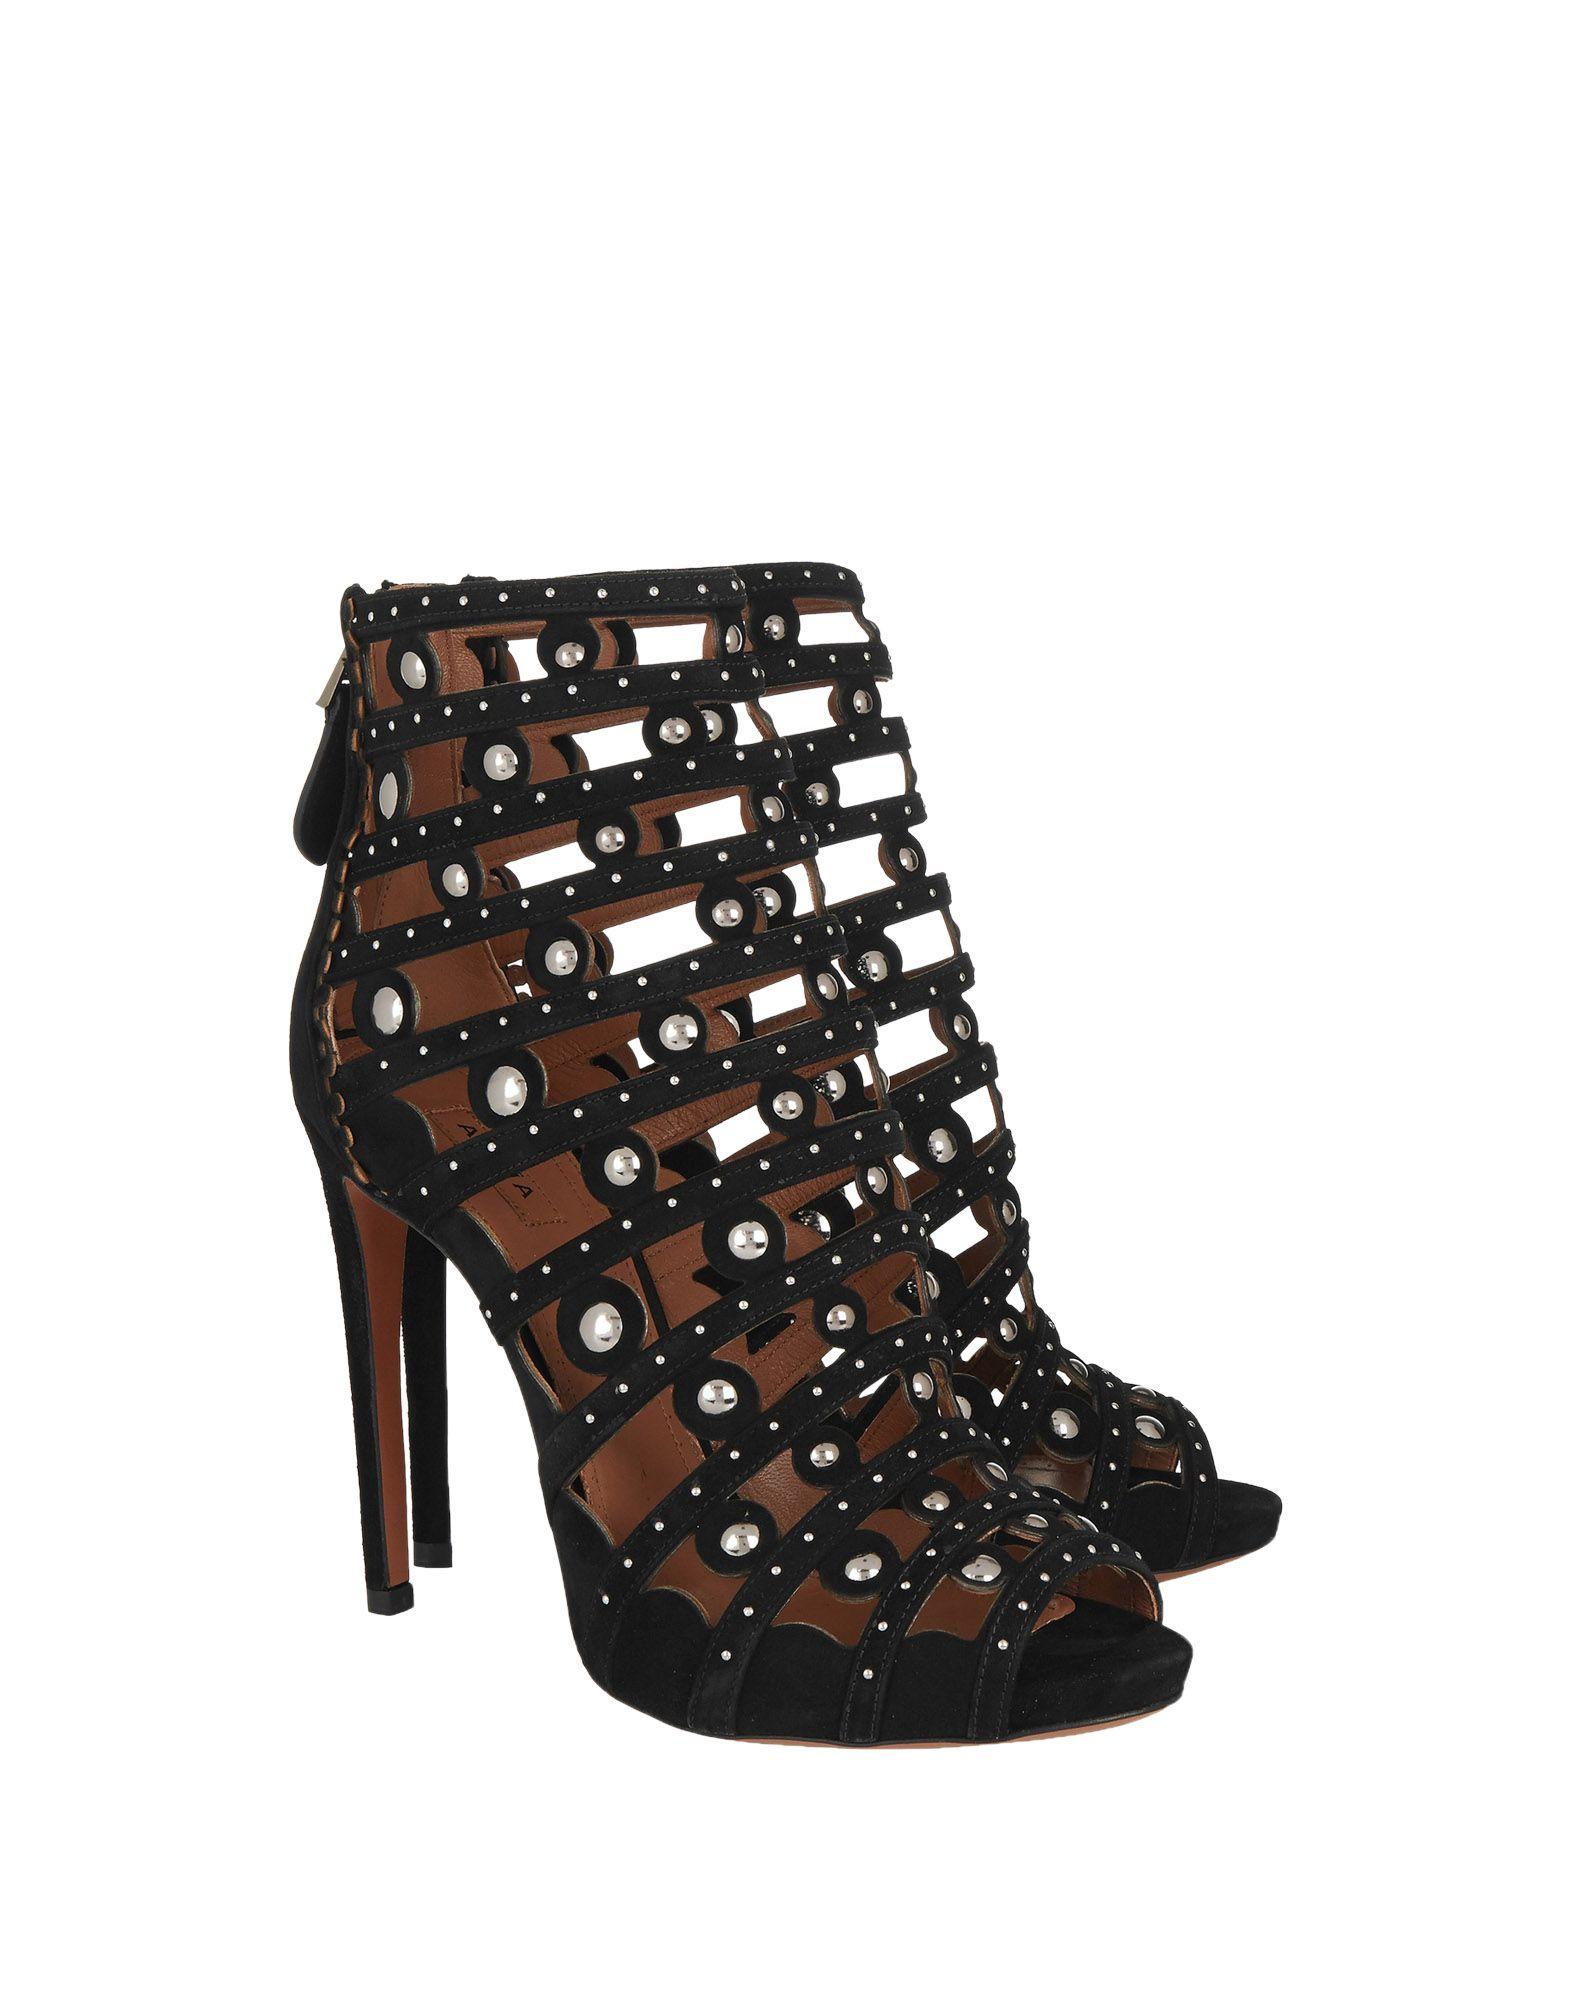 Alaïa Sandalen Damen Schuhe  11526925VBGünstige gut aussehende Schuhe Damen 417a75